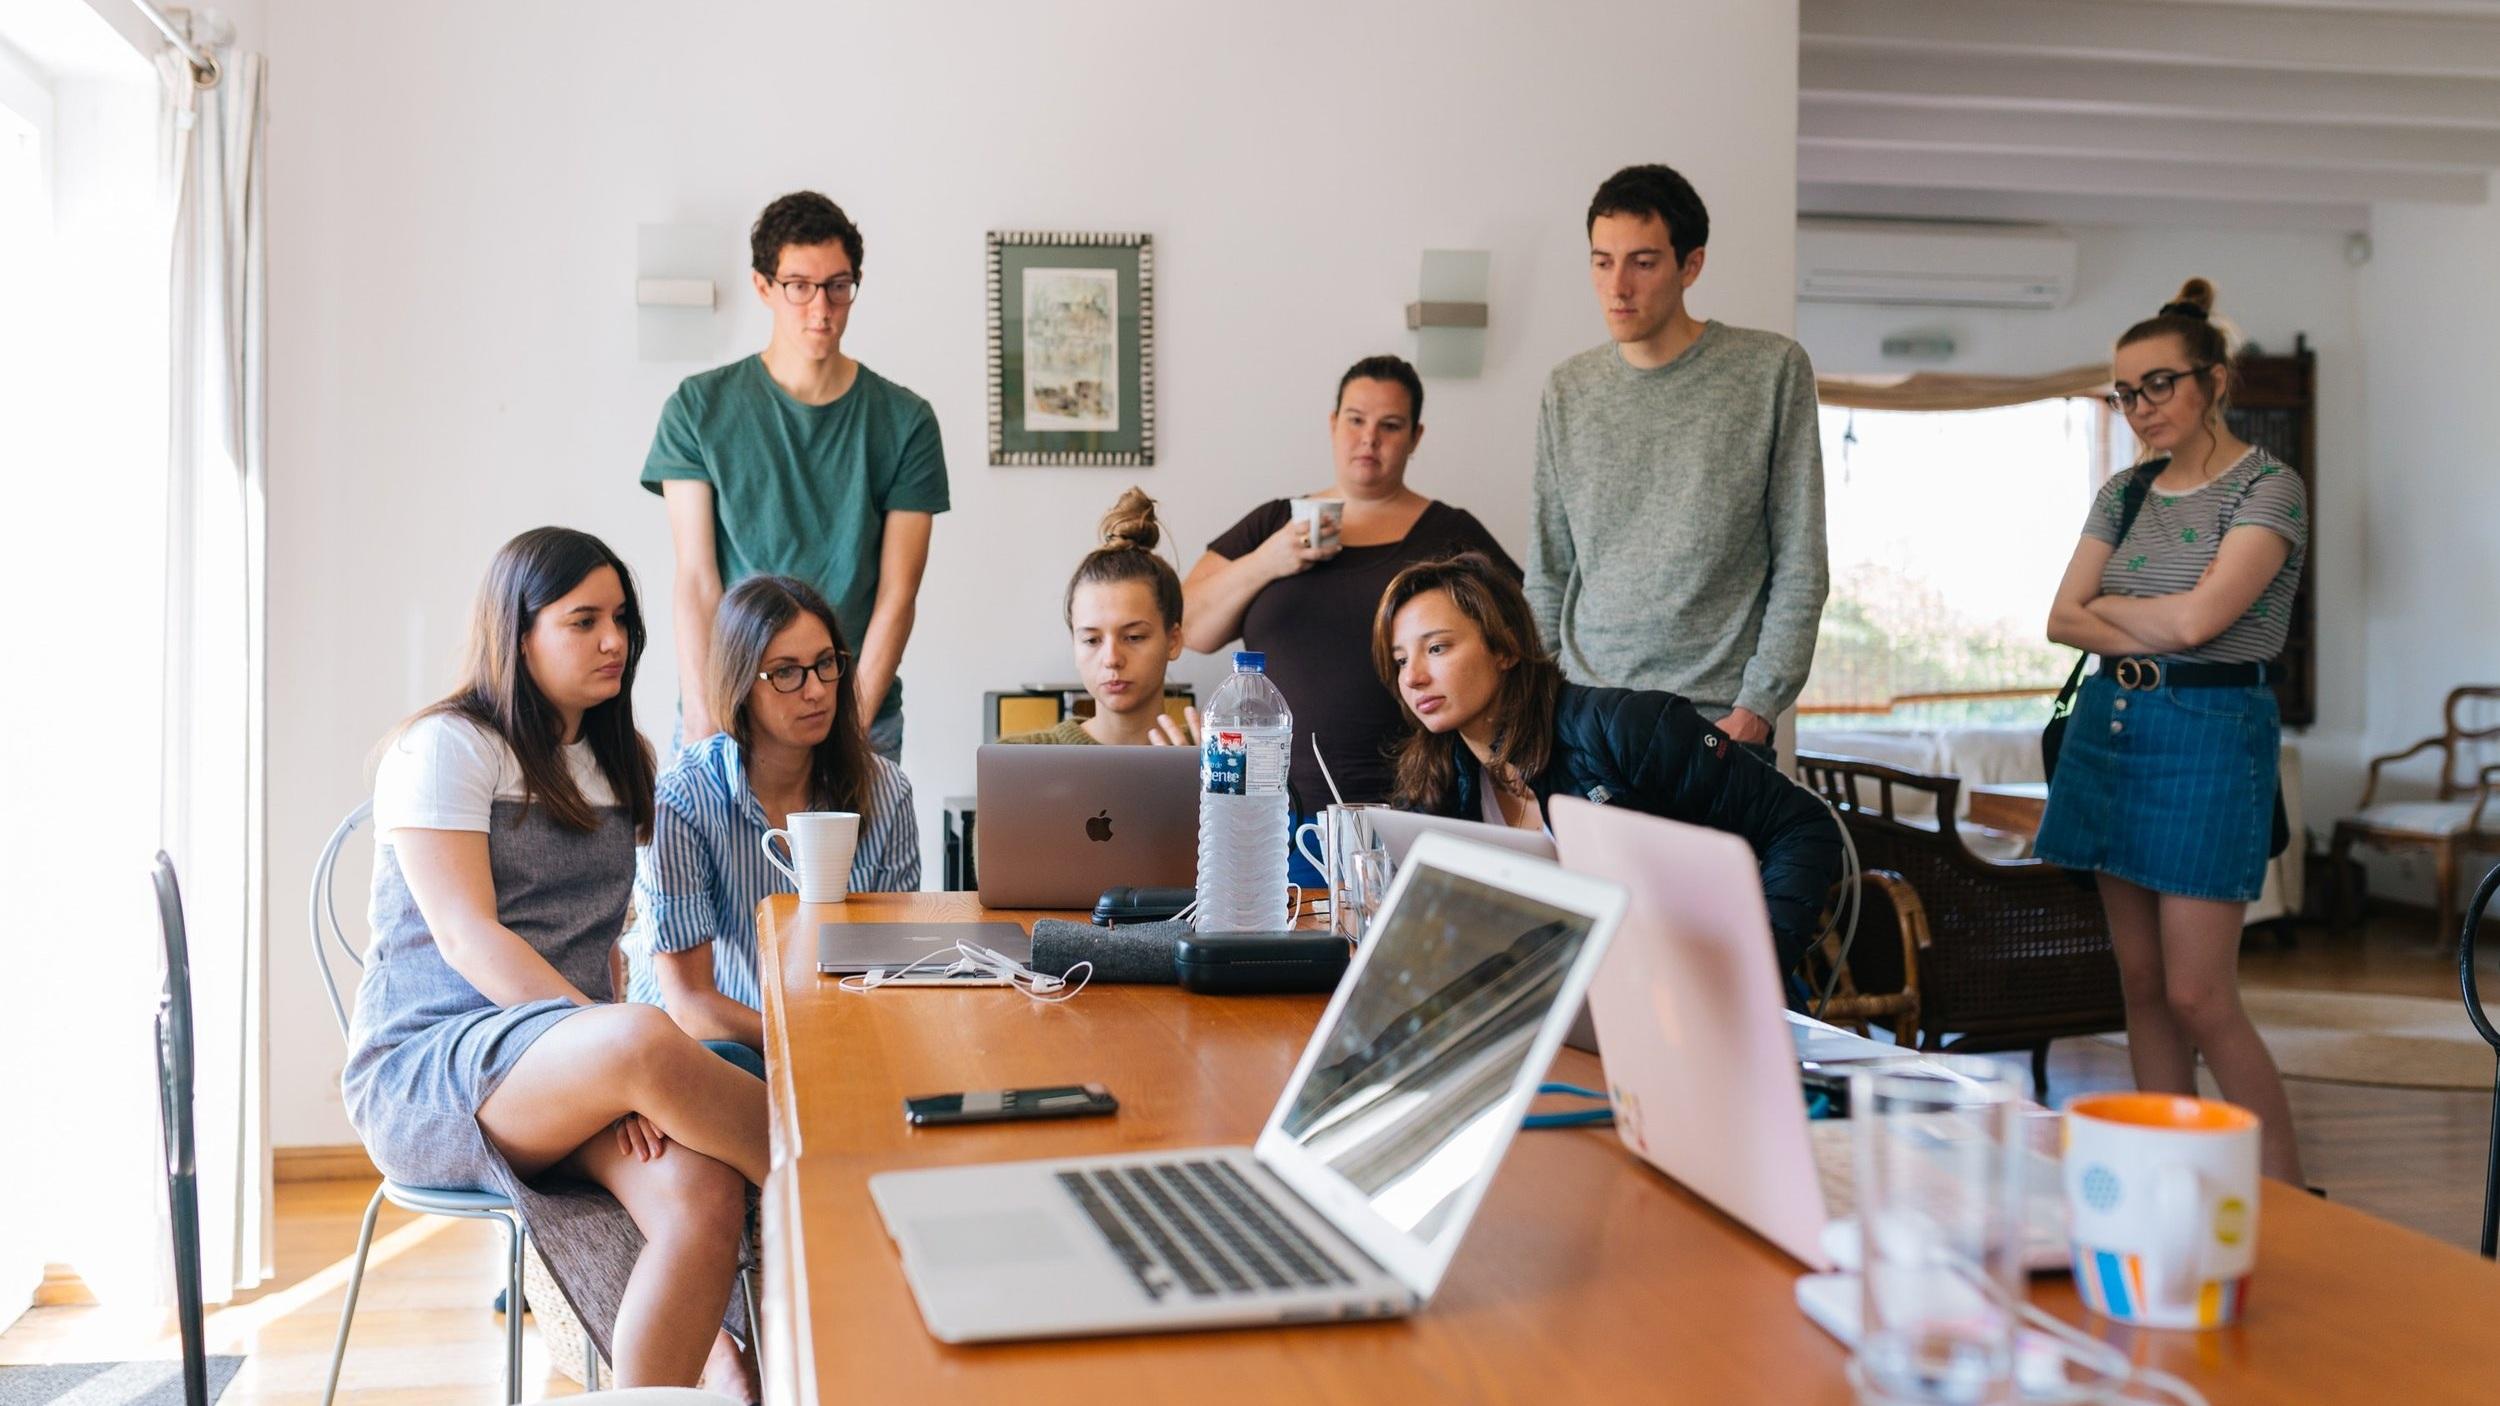 adults-brainstorming-desk-1595385.jpg